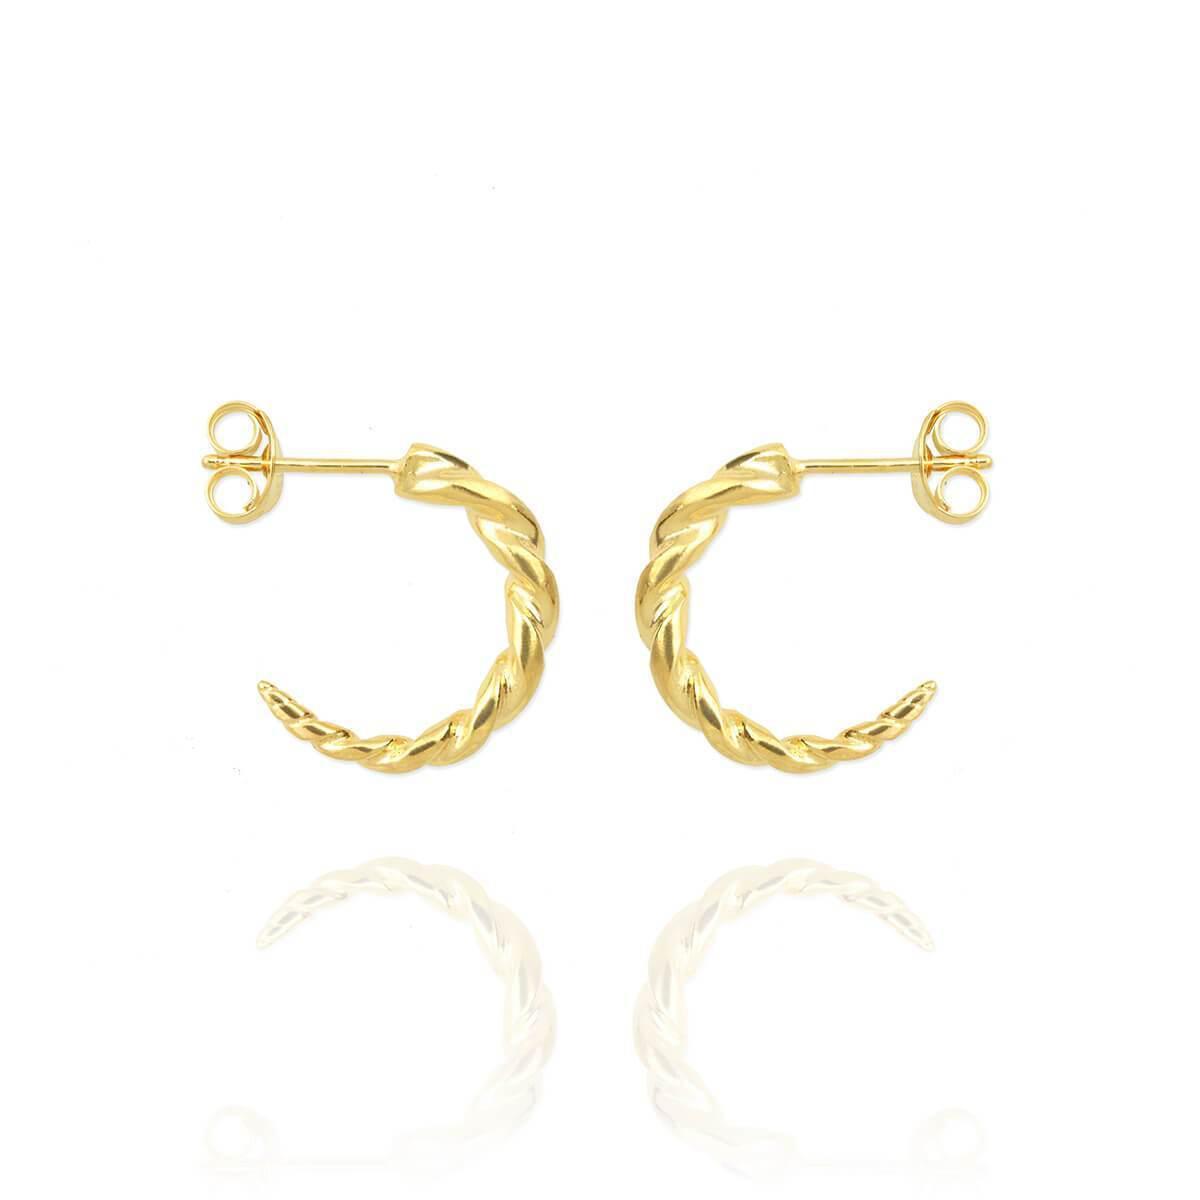 Jana Reinhardt Yellow Gold Plated Leaf Stud Earrings 7DKtLTzx